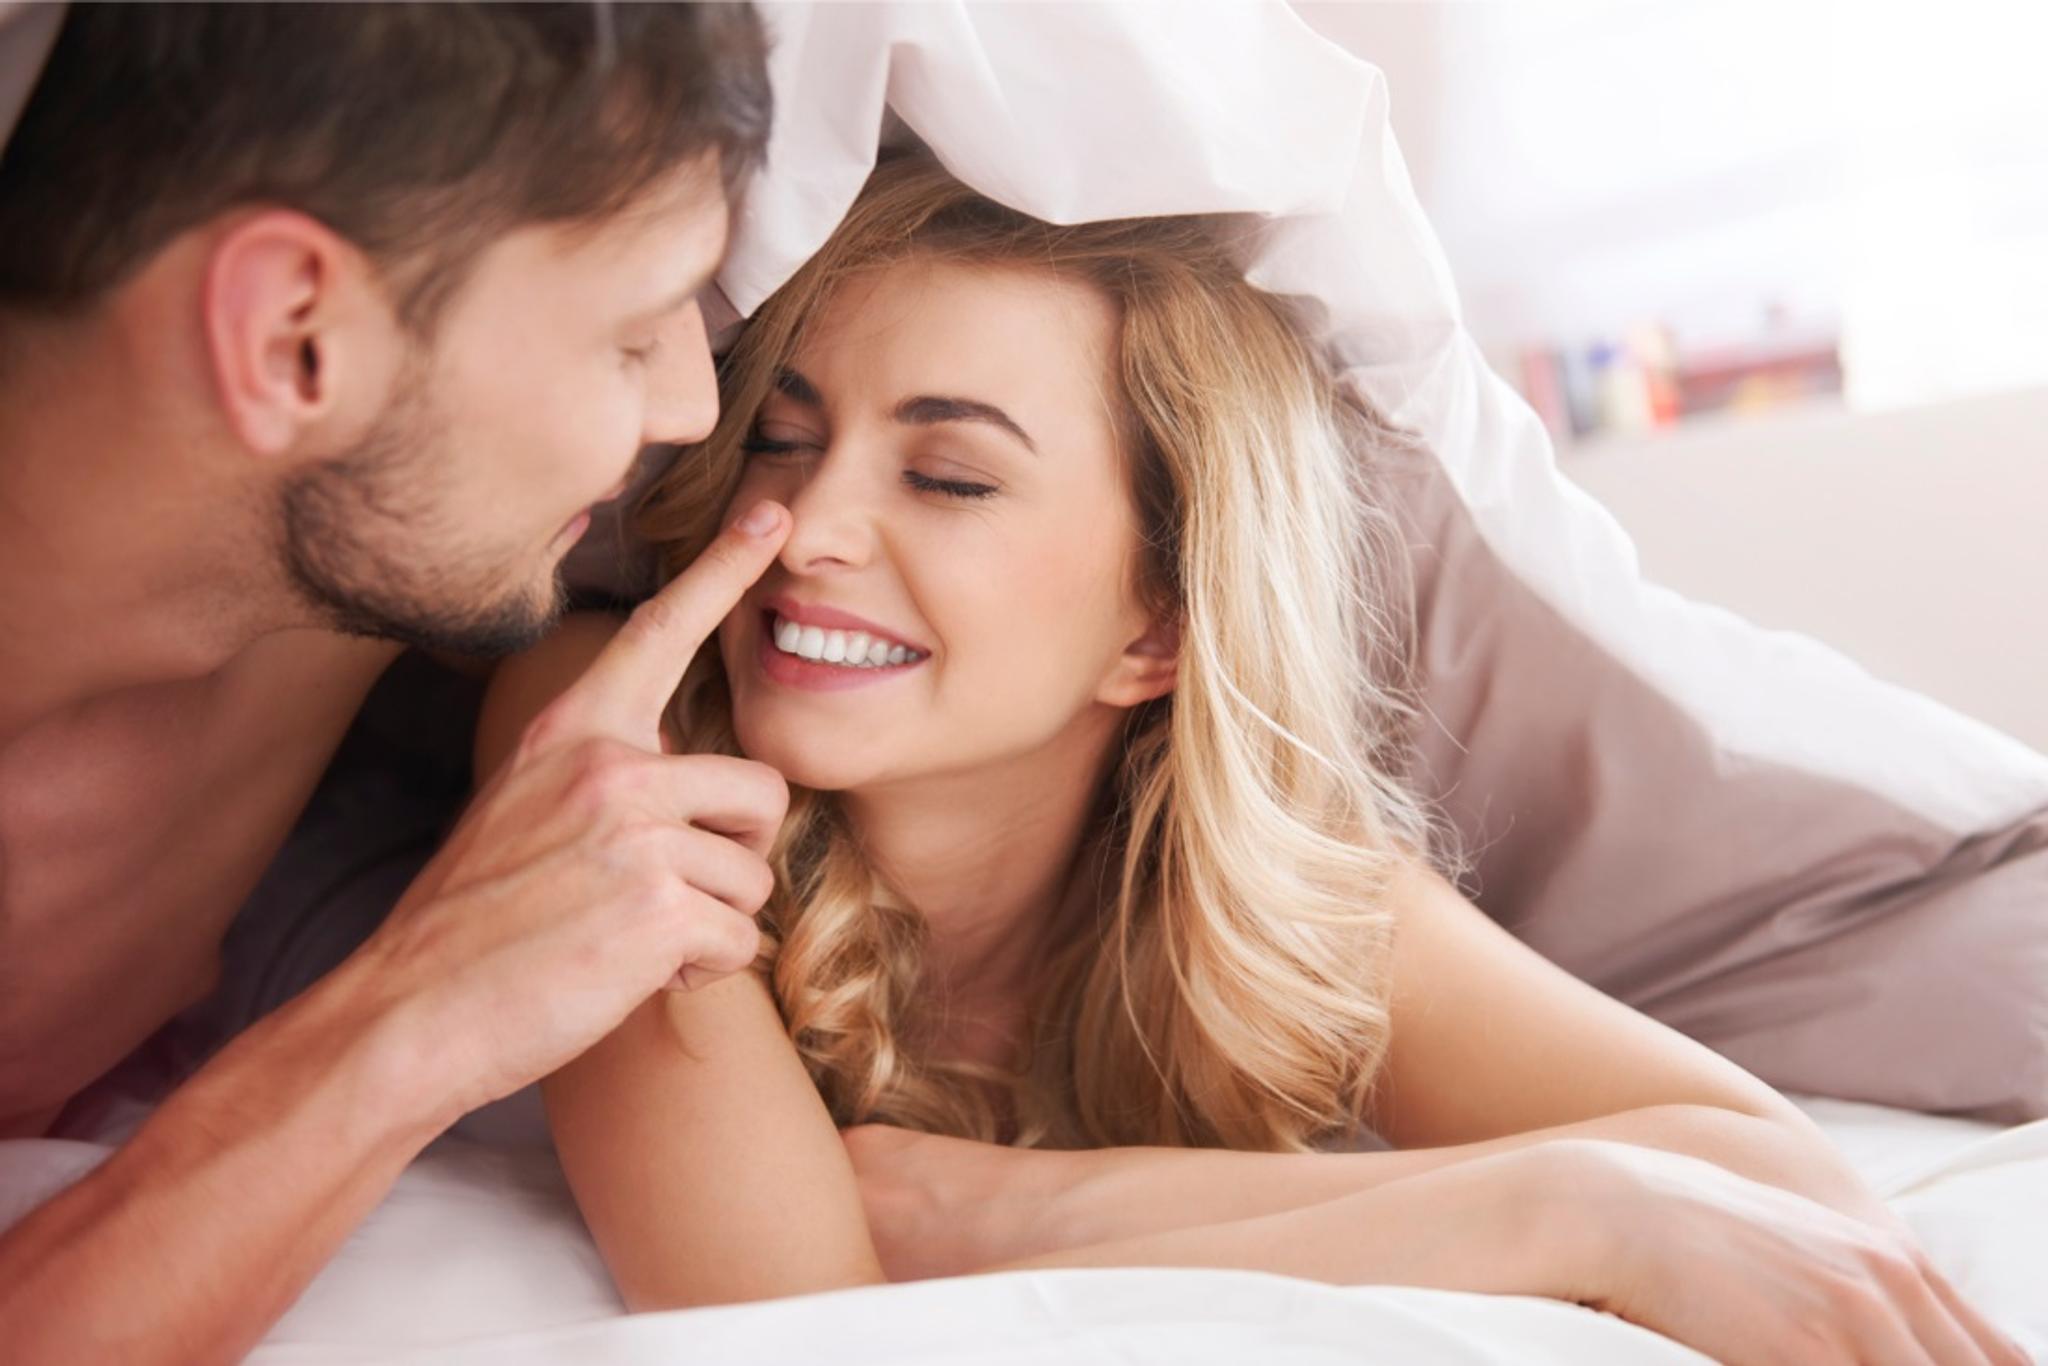 avaaminen dating site viesti